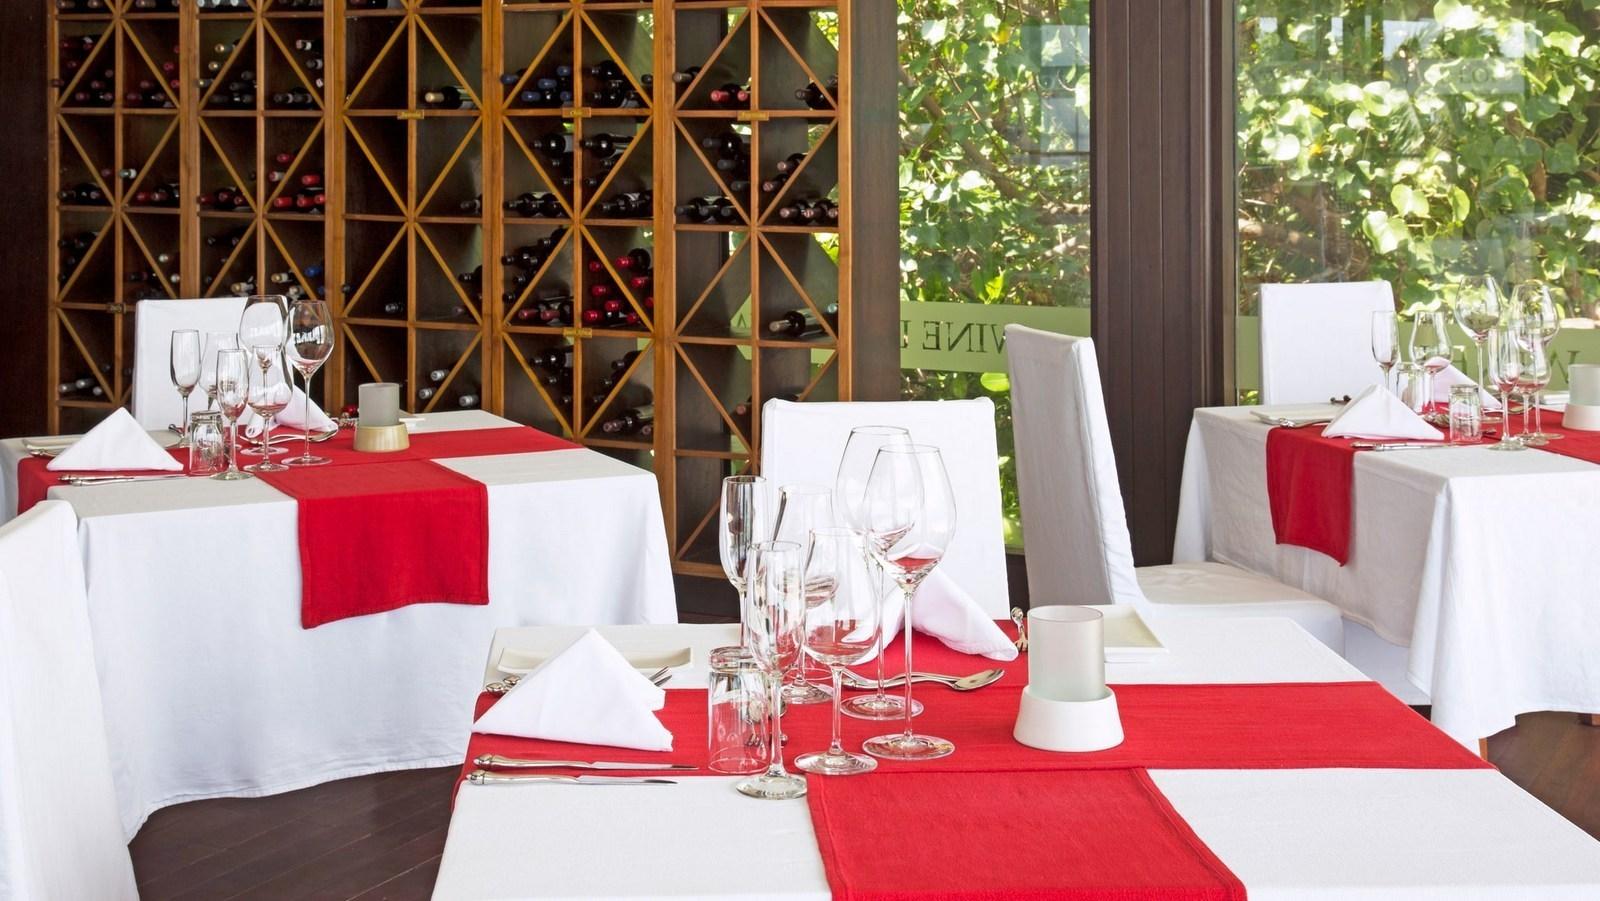 Мальдивы, отель Coco Palm Bodu Hithi, ресторан WINE LOFT